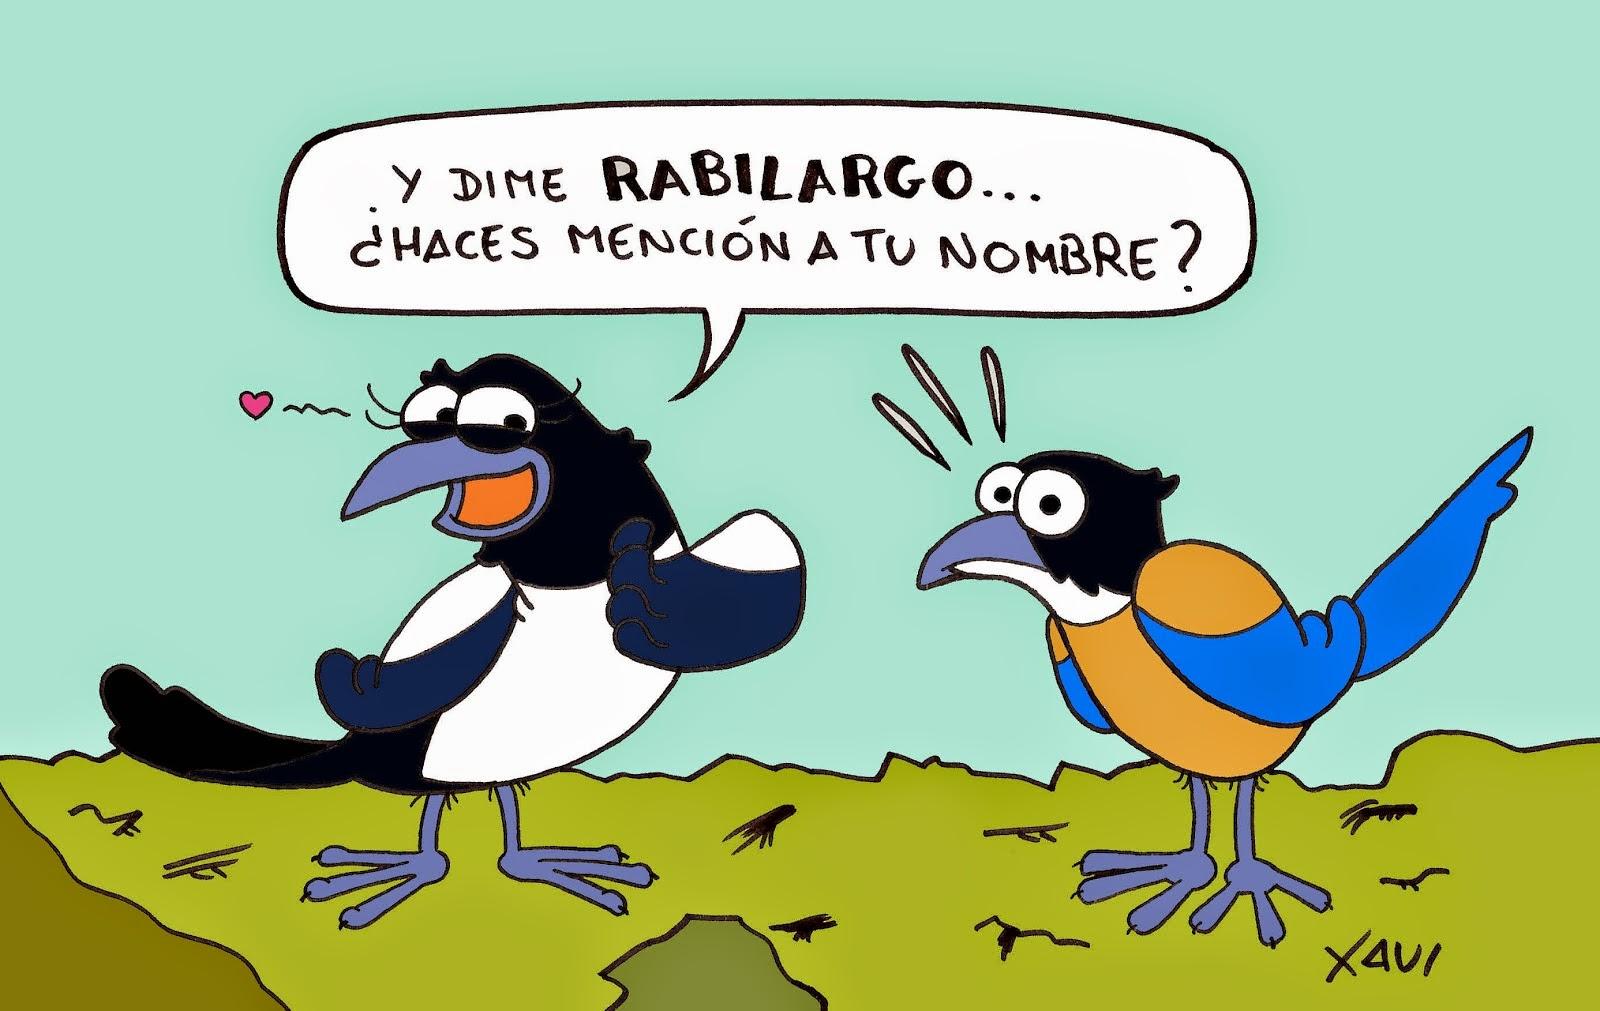 Urraca y Rabilargo